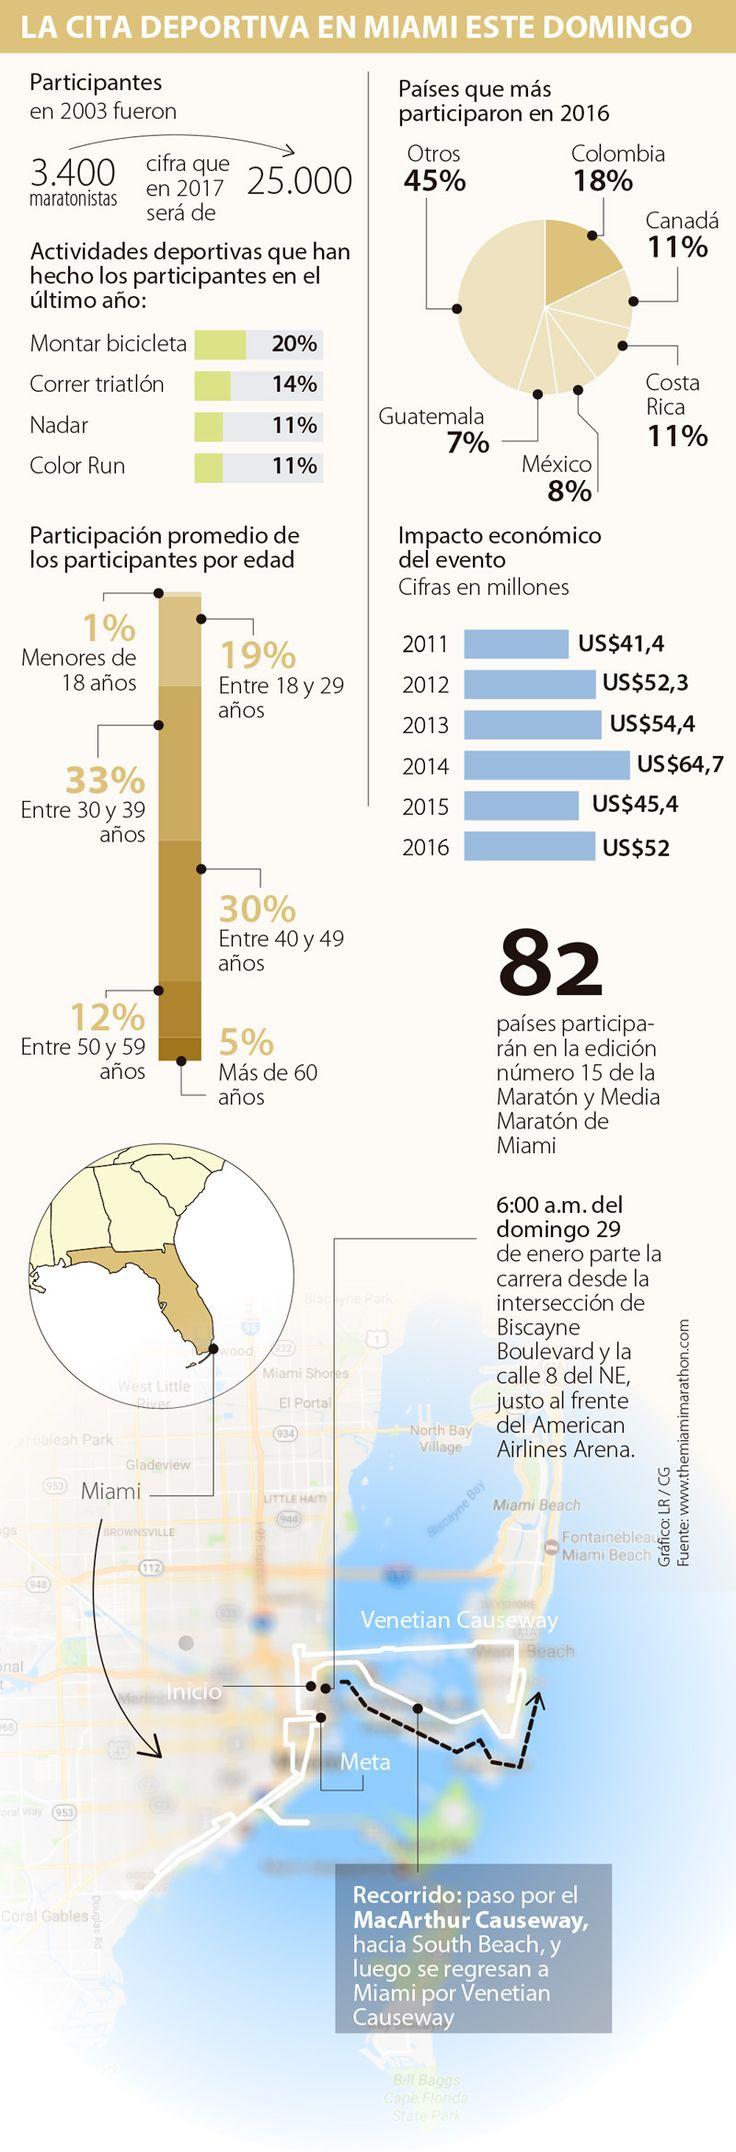 De cada 100 extranjeros que corren en Miami, 18 son colombianos